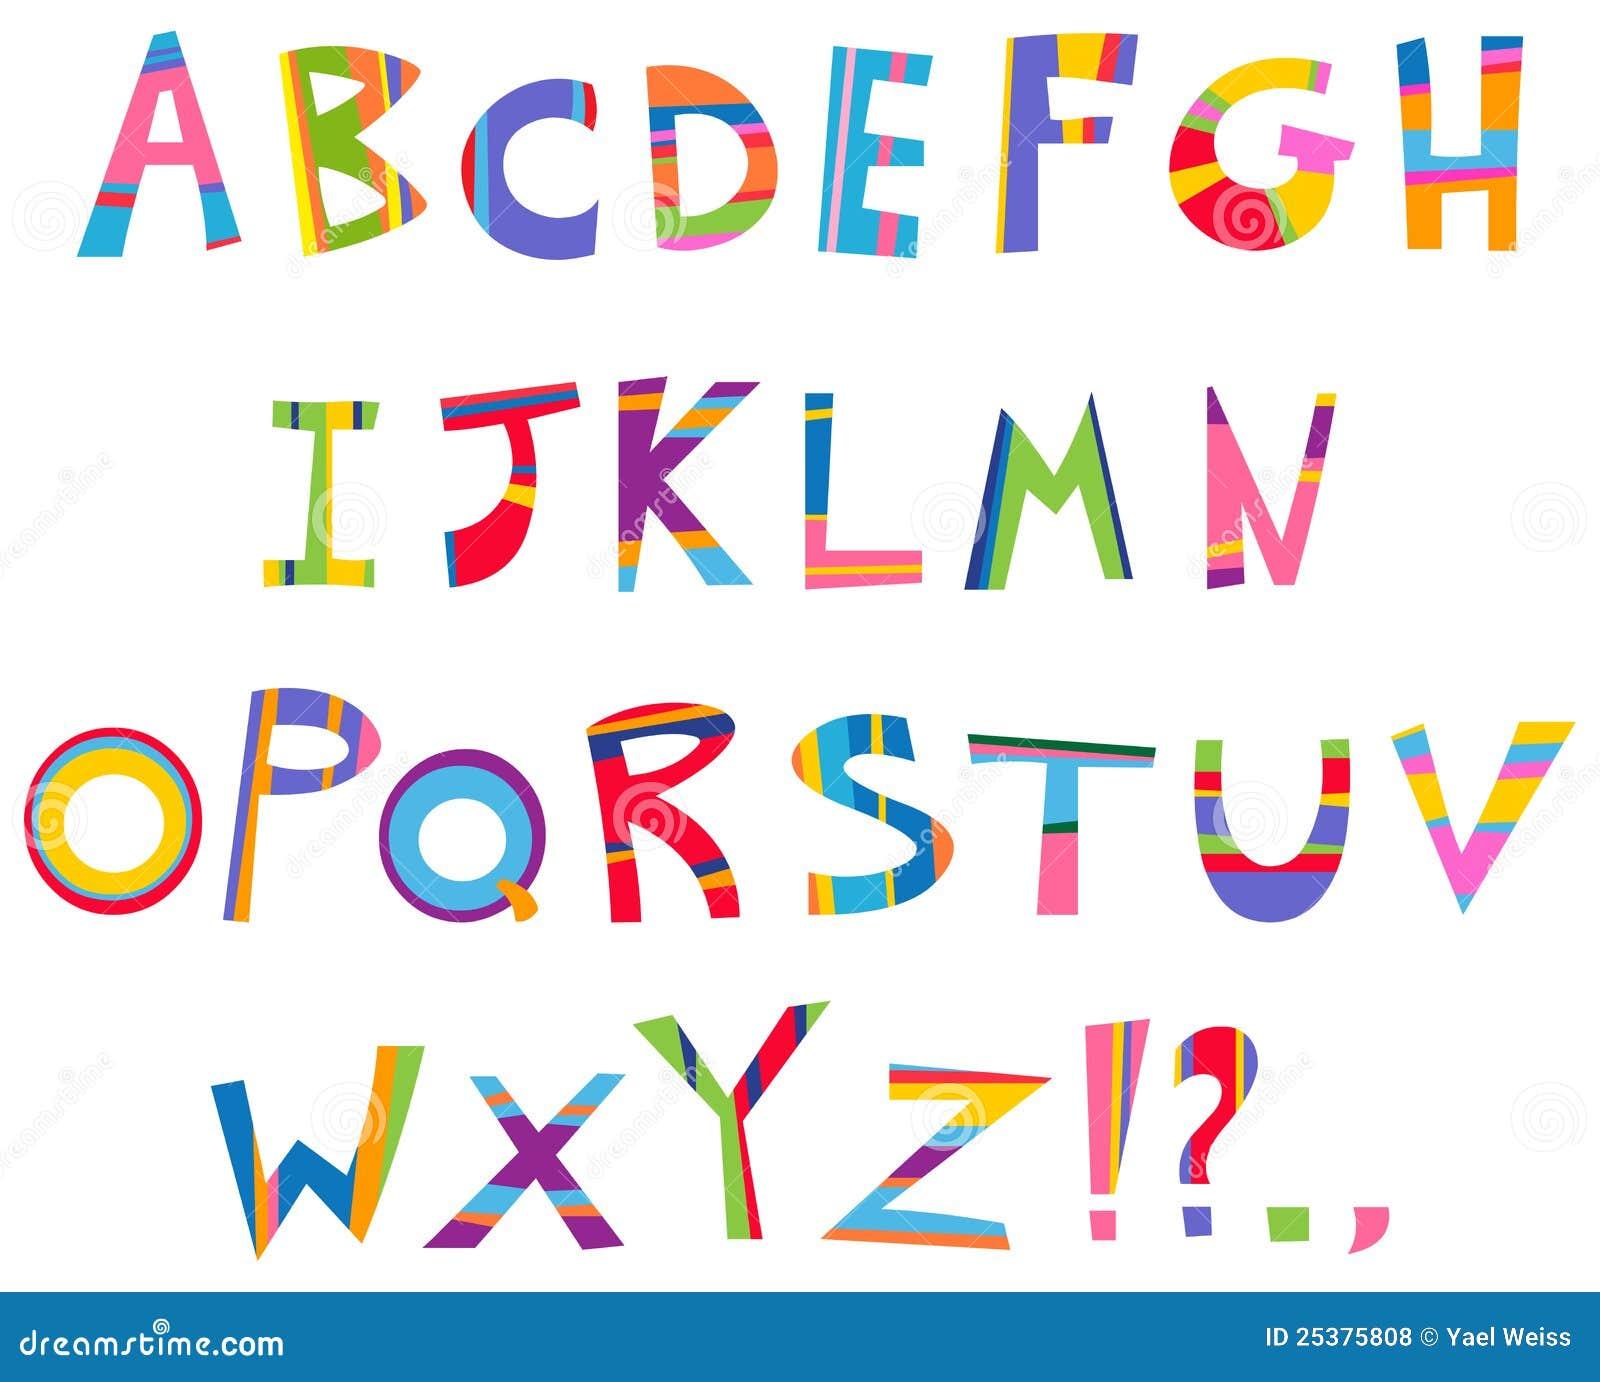 Het alfabet van de pret